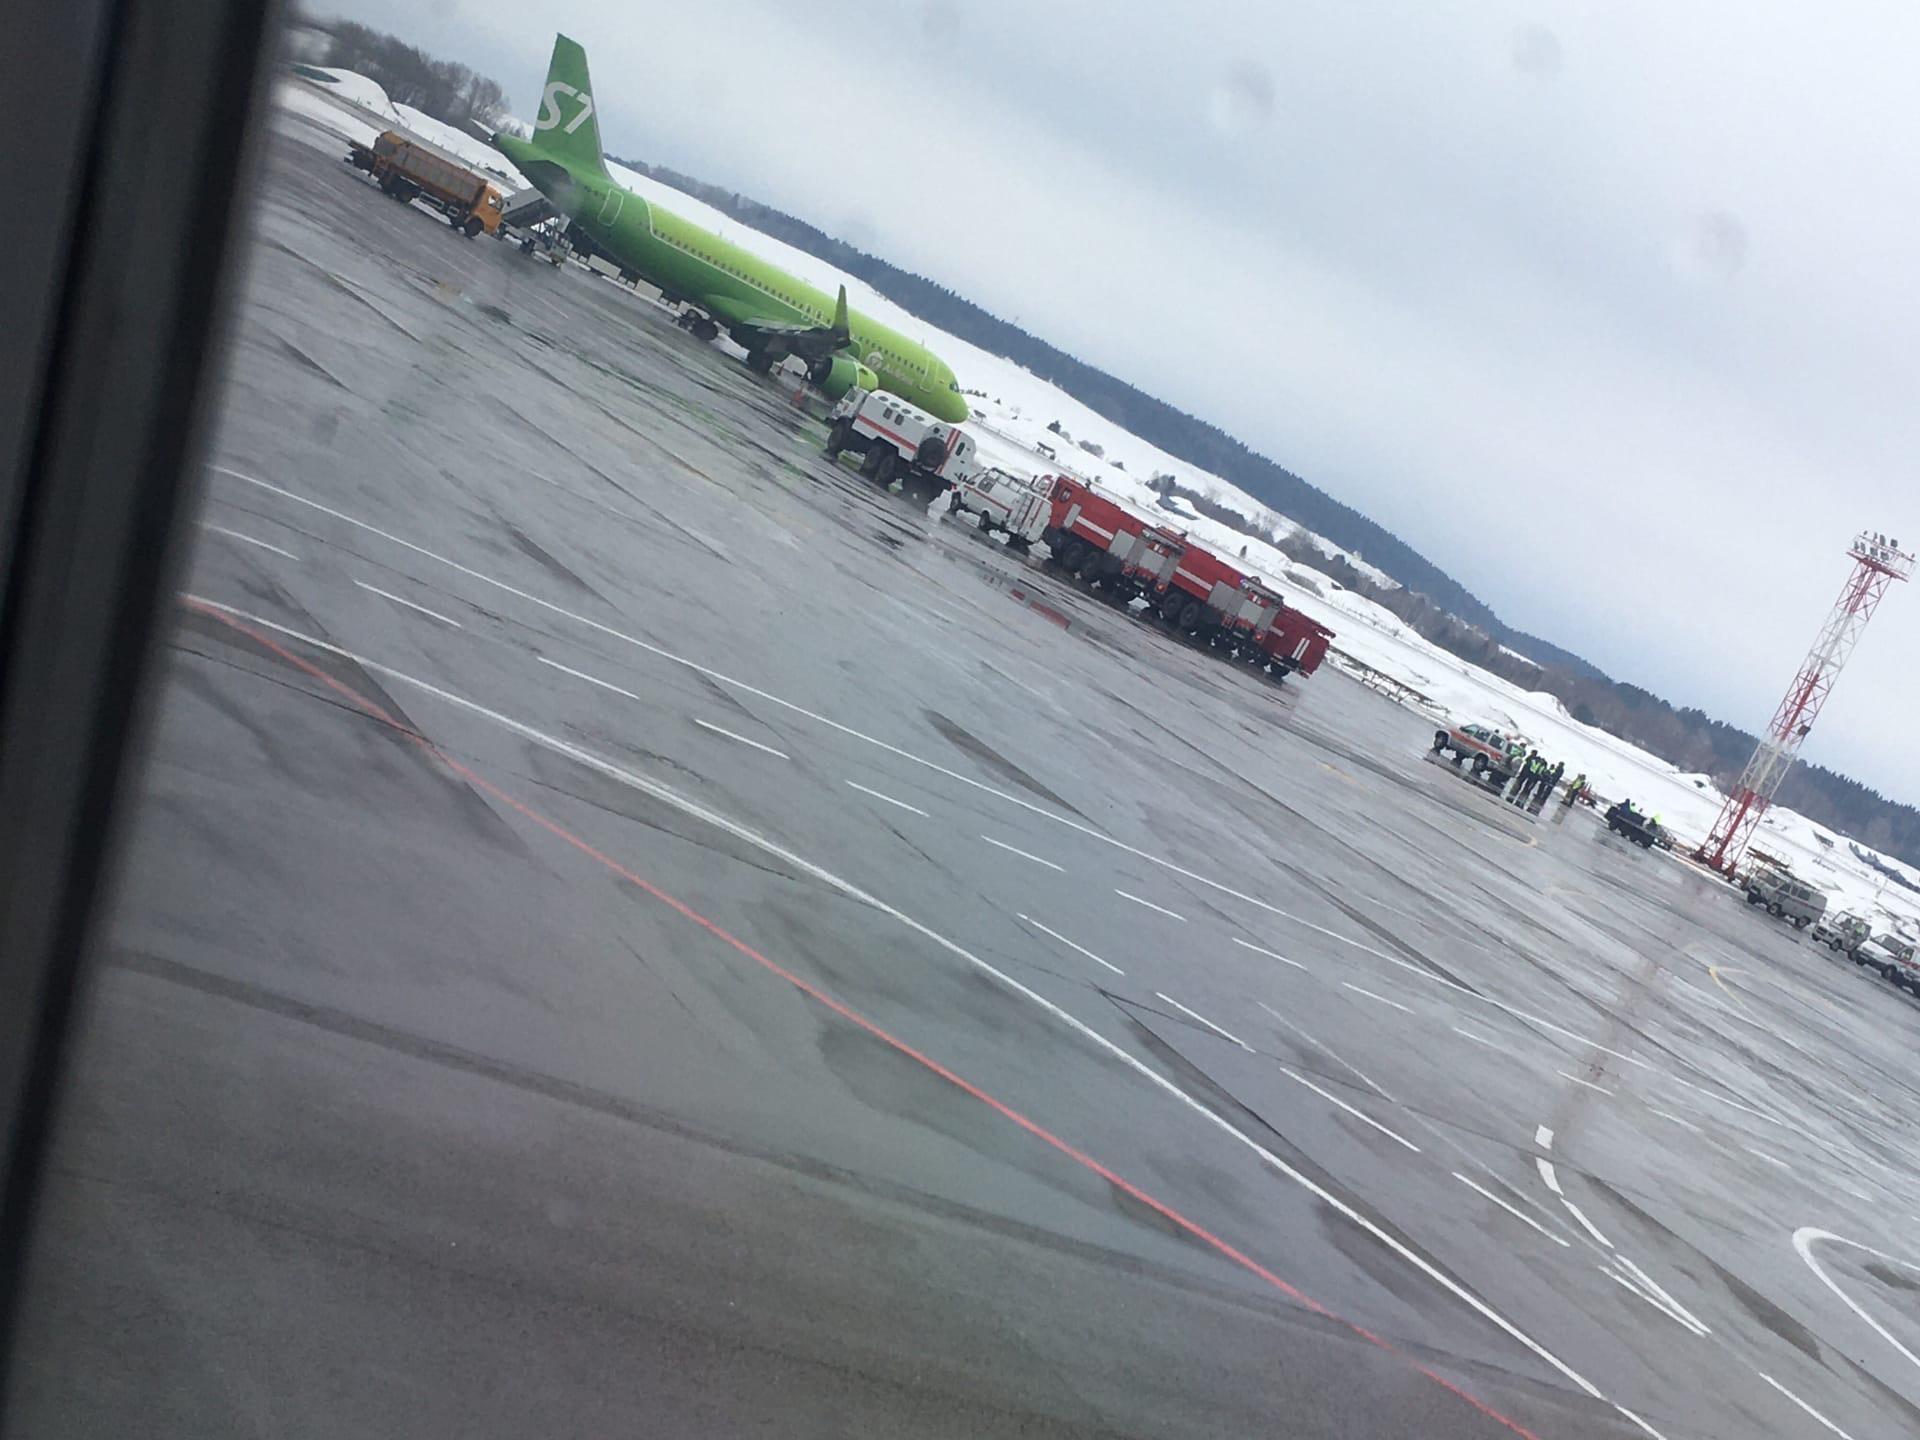 На взлетно-посадочной полосе находятся пожарные, скорые и спасатели